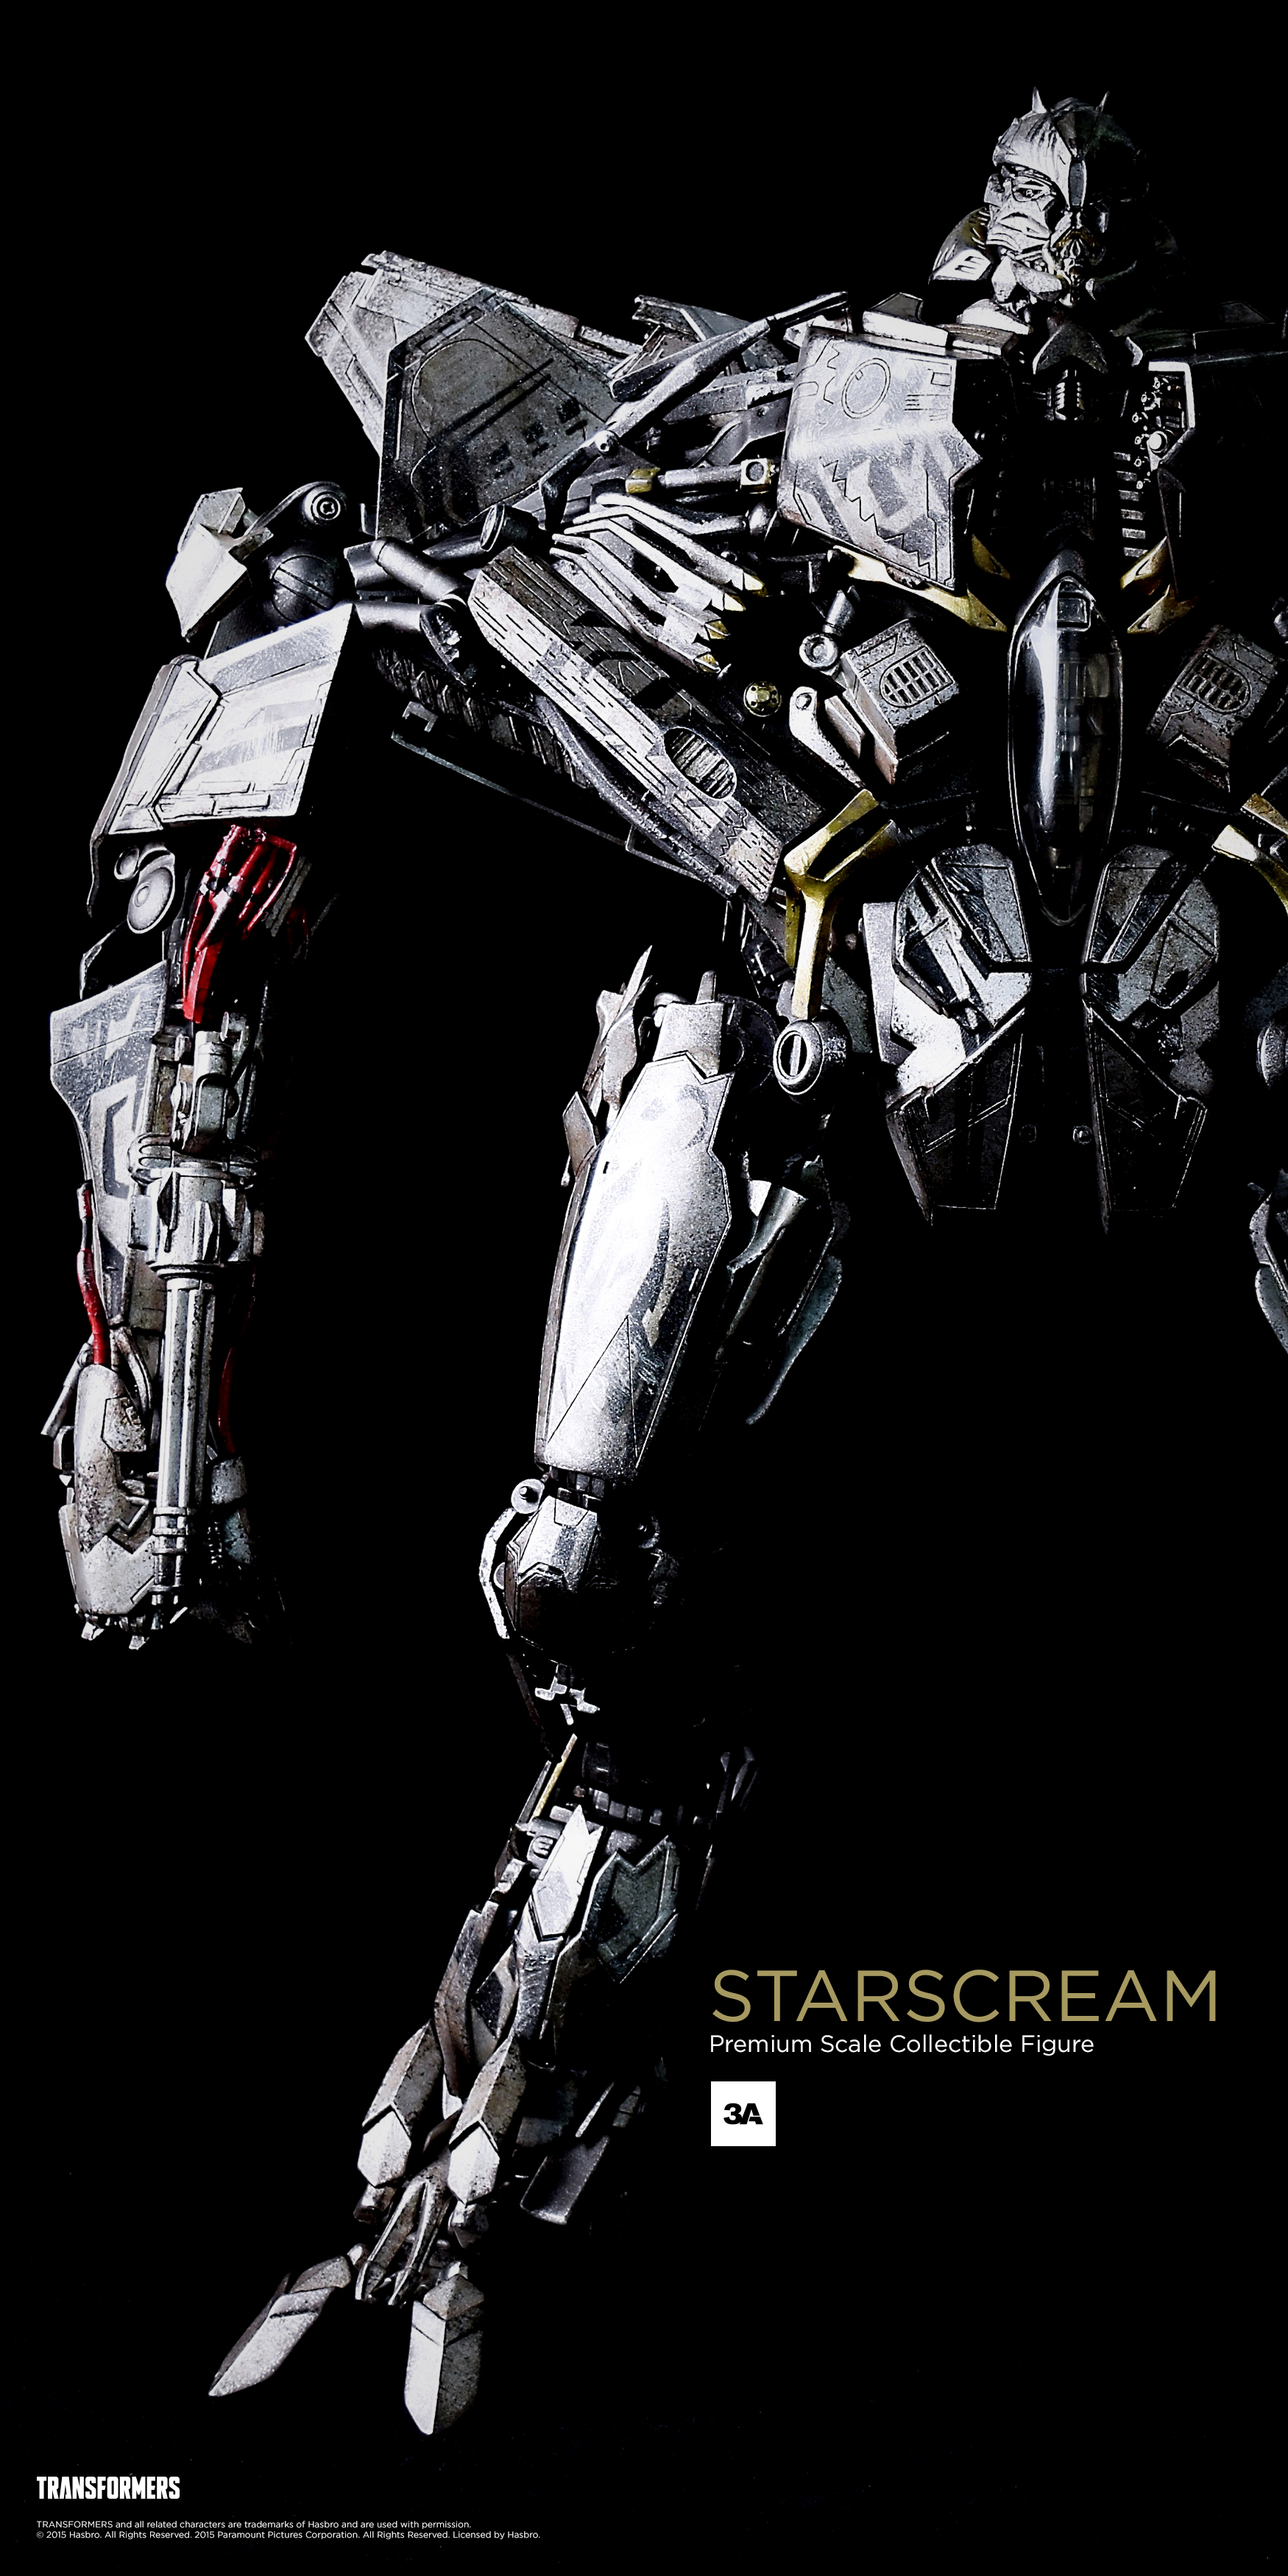 3A_Transformers_Starscream_Ad_1750x3500_E_003.jpg